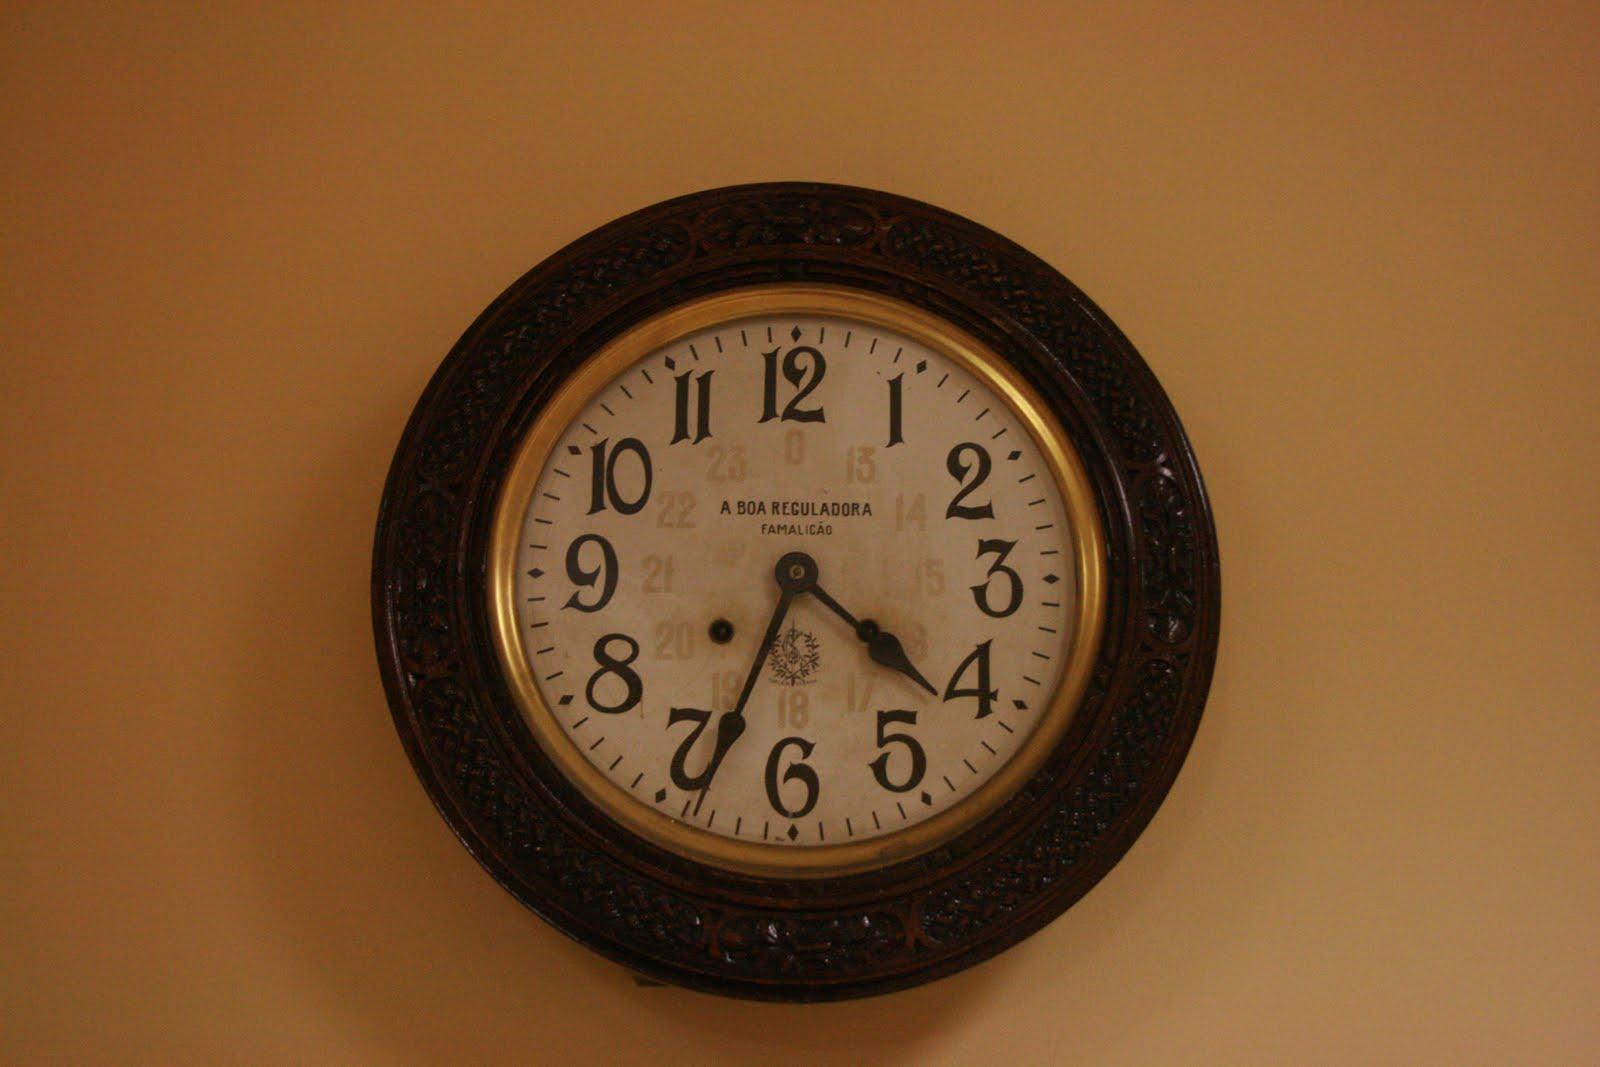 Relógios de Mesa - A Boa Reguladora E%2Bo%2Btempo%2Bparado%2Bna%2BCMP